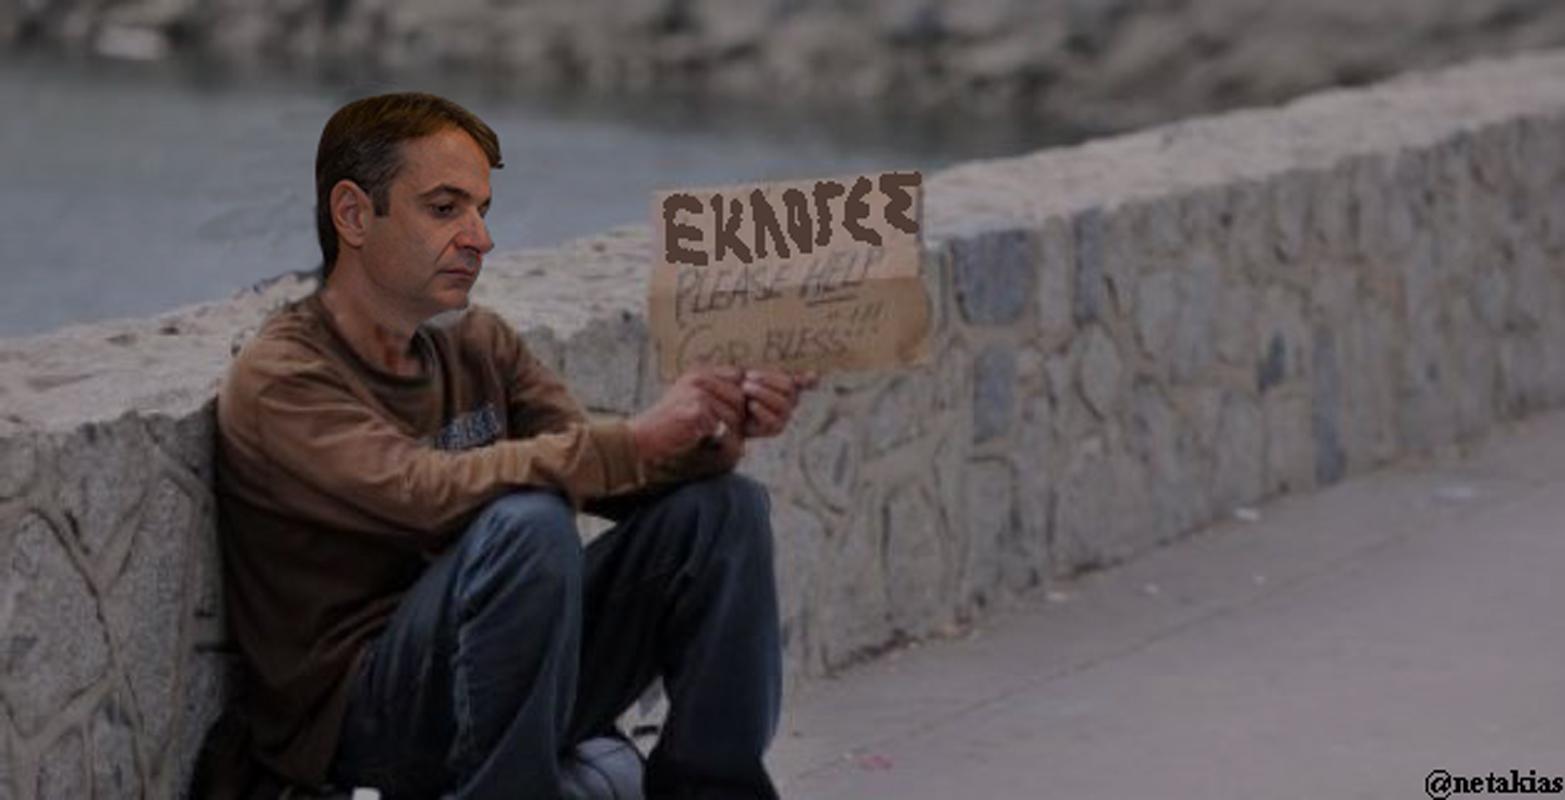 ΕΘΝΙΚΗ ΜΕΙΟΔΟΣΙΑ του Μητσοτάκη! Συκοφάντησε την Ελλάδα στην Ευρώπη και τολμά να ζητά να τον ψηφίσουν οι Ελληνες;